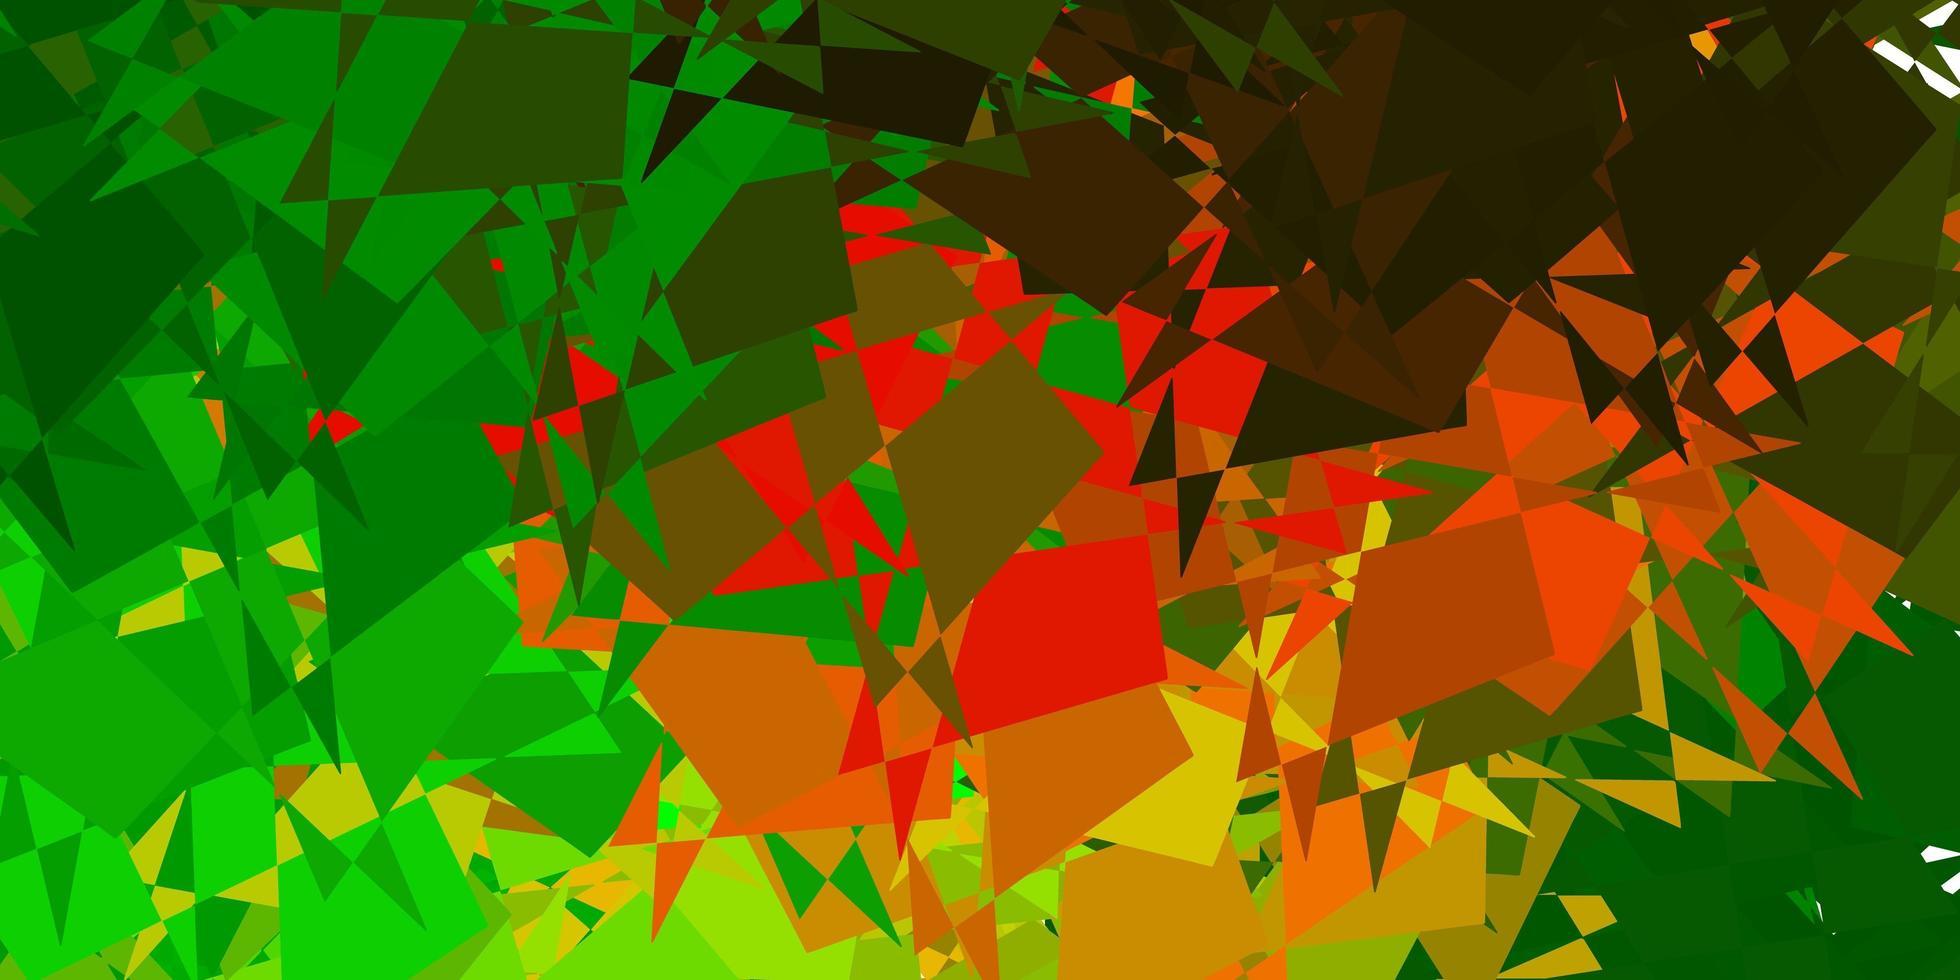 sfondo vettoriale verde scuro, giallo con forme casuali.